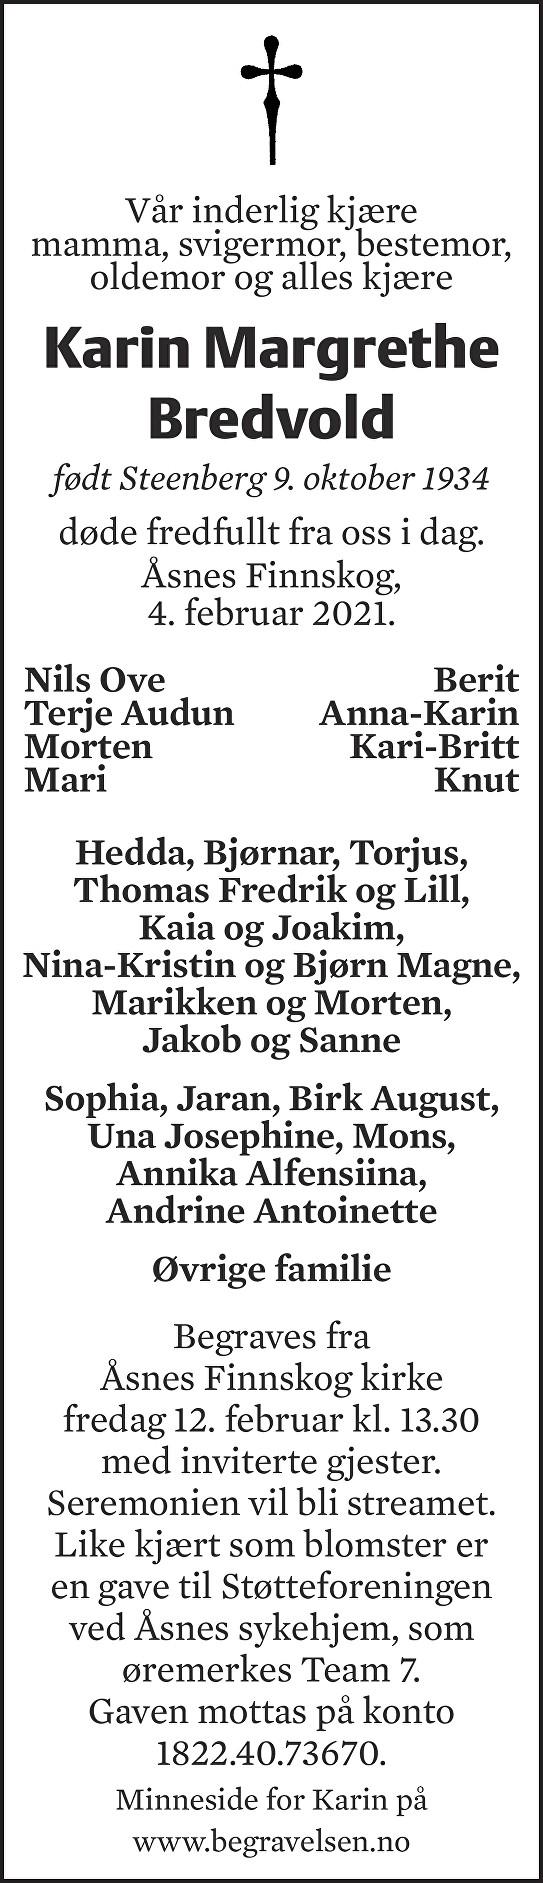 Karin Margrethe Bredvold Dødsannonse